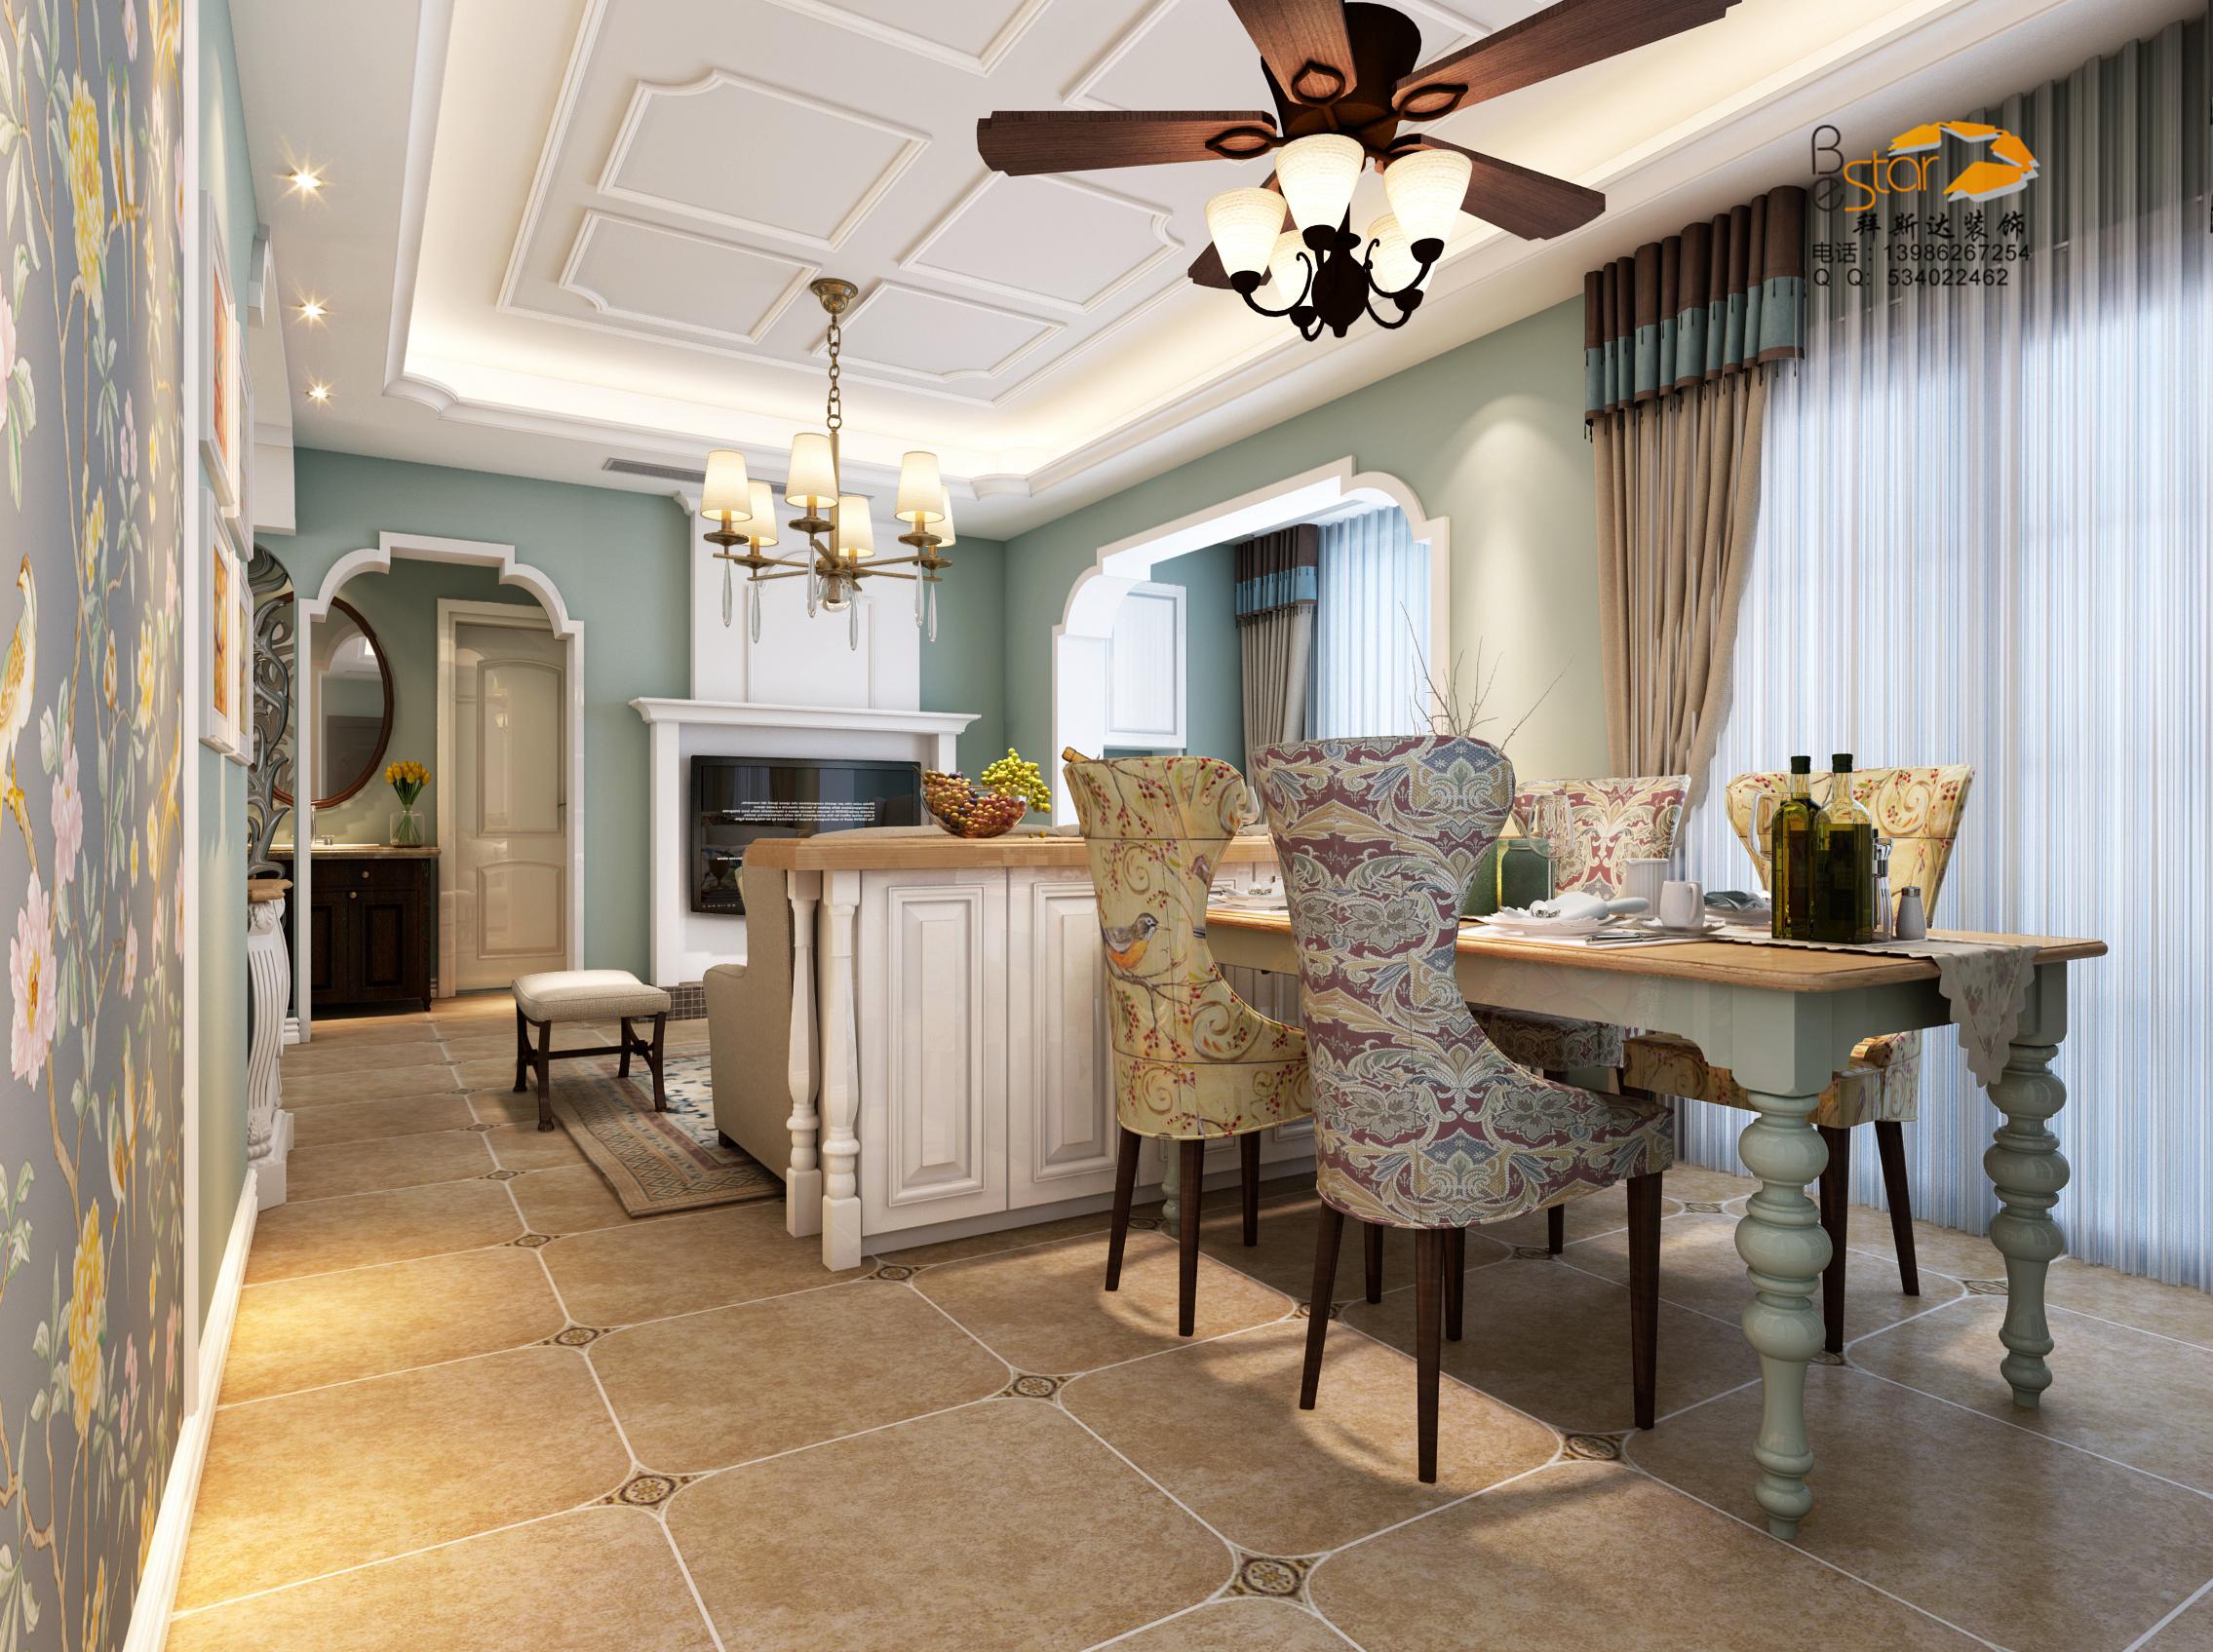 免费设计与报价加入收藏 餐厅餐厅背景墙绿色板材靠垫 客厅 美式  三